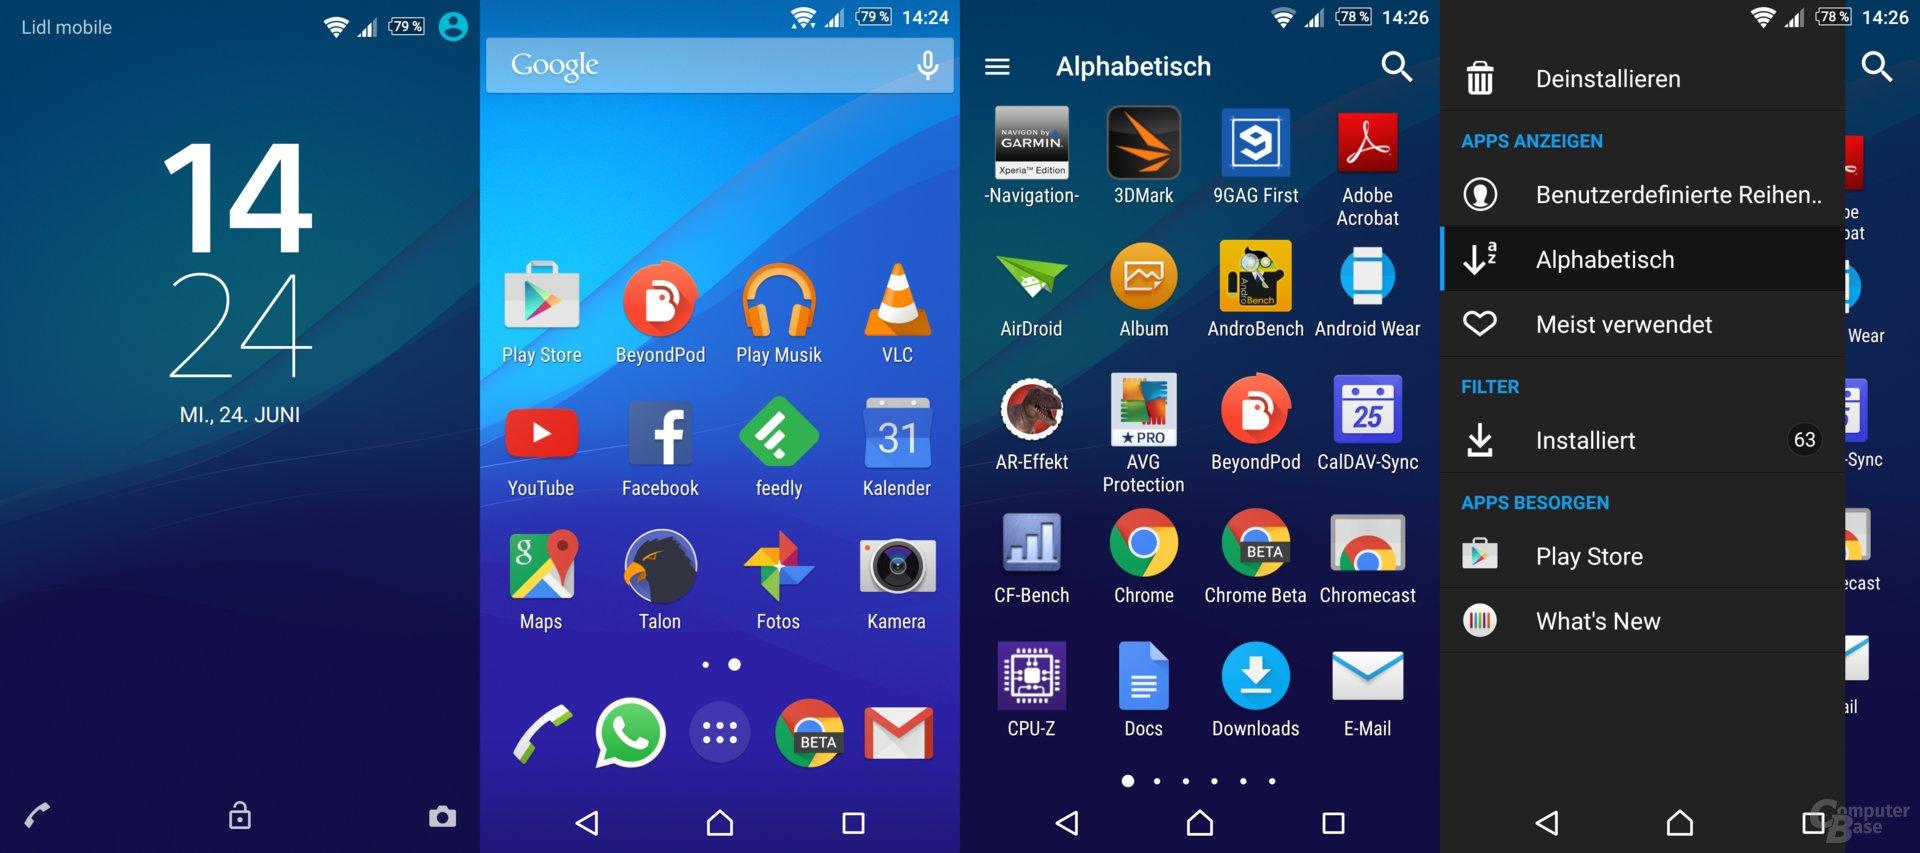 Das von Sony aufgespielte Android überzeugt durch seine wenigen Veränderungen